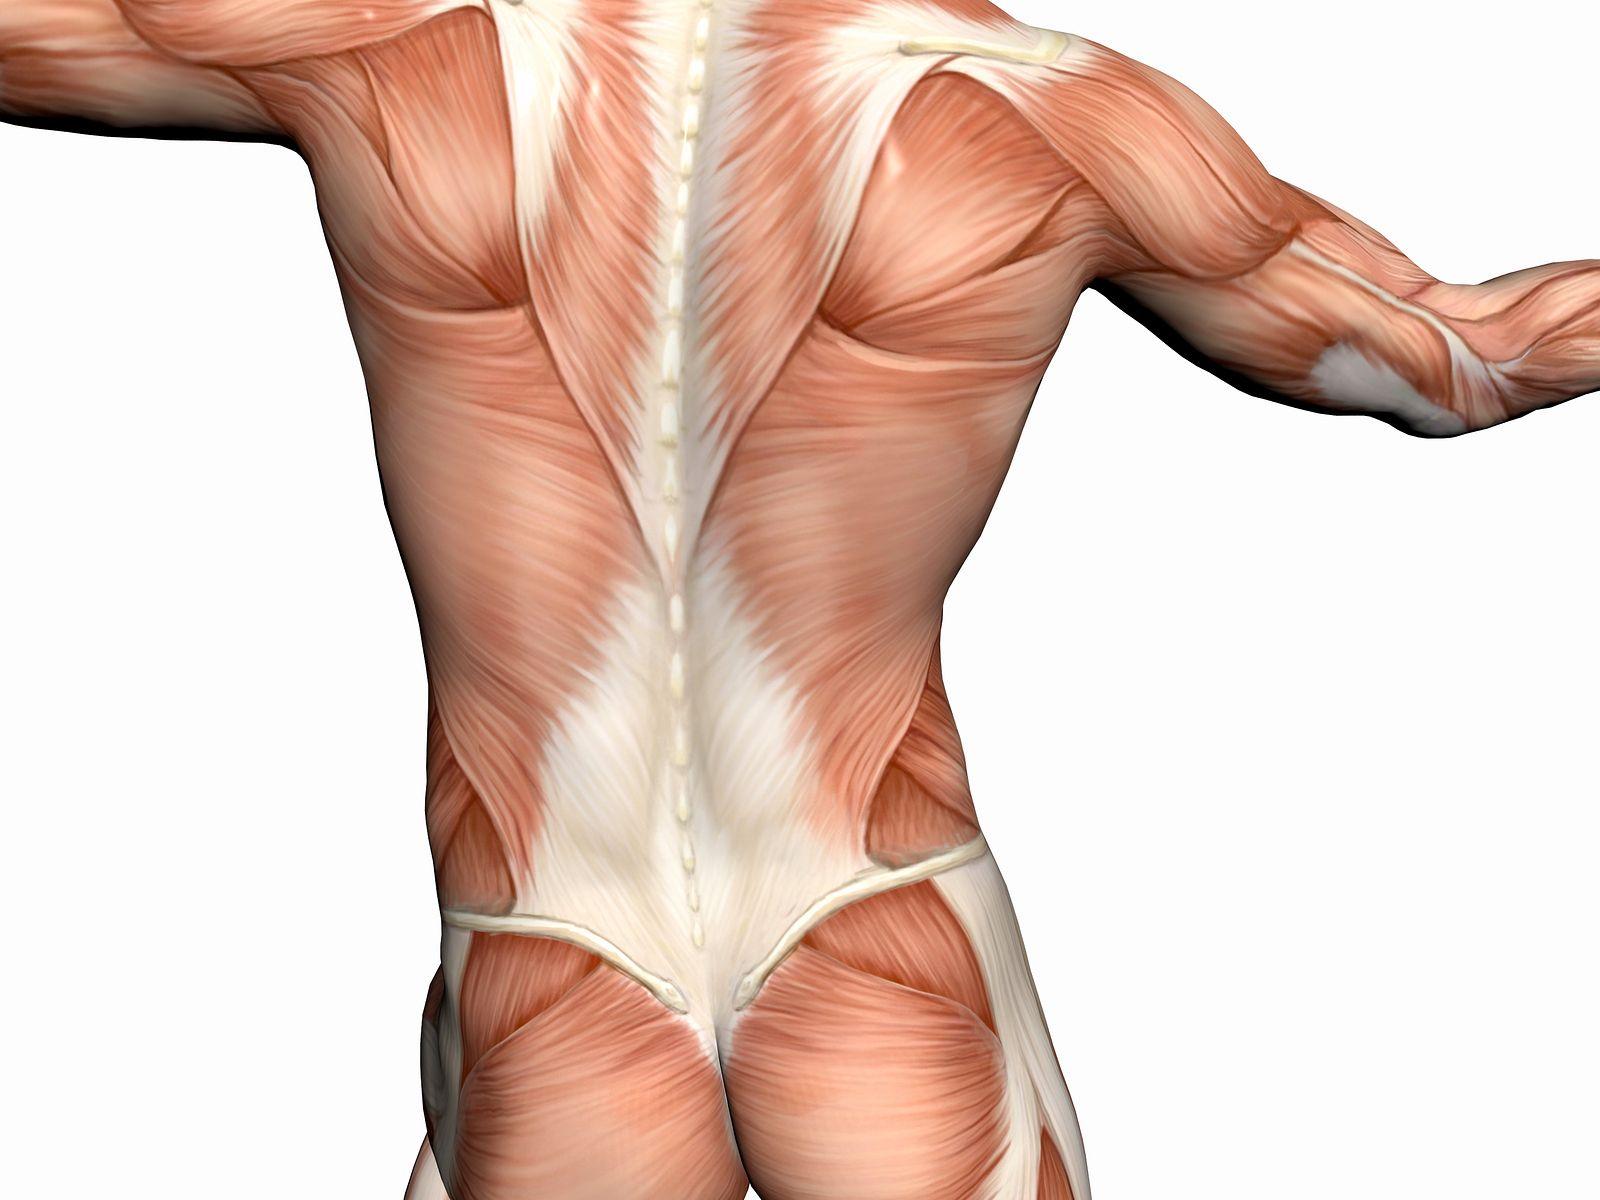 muscle anatomy Dry needling